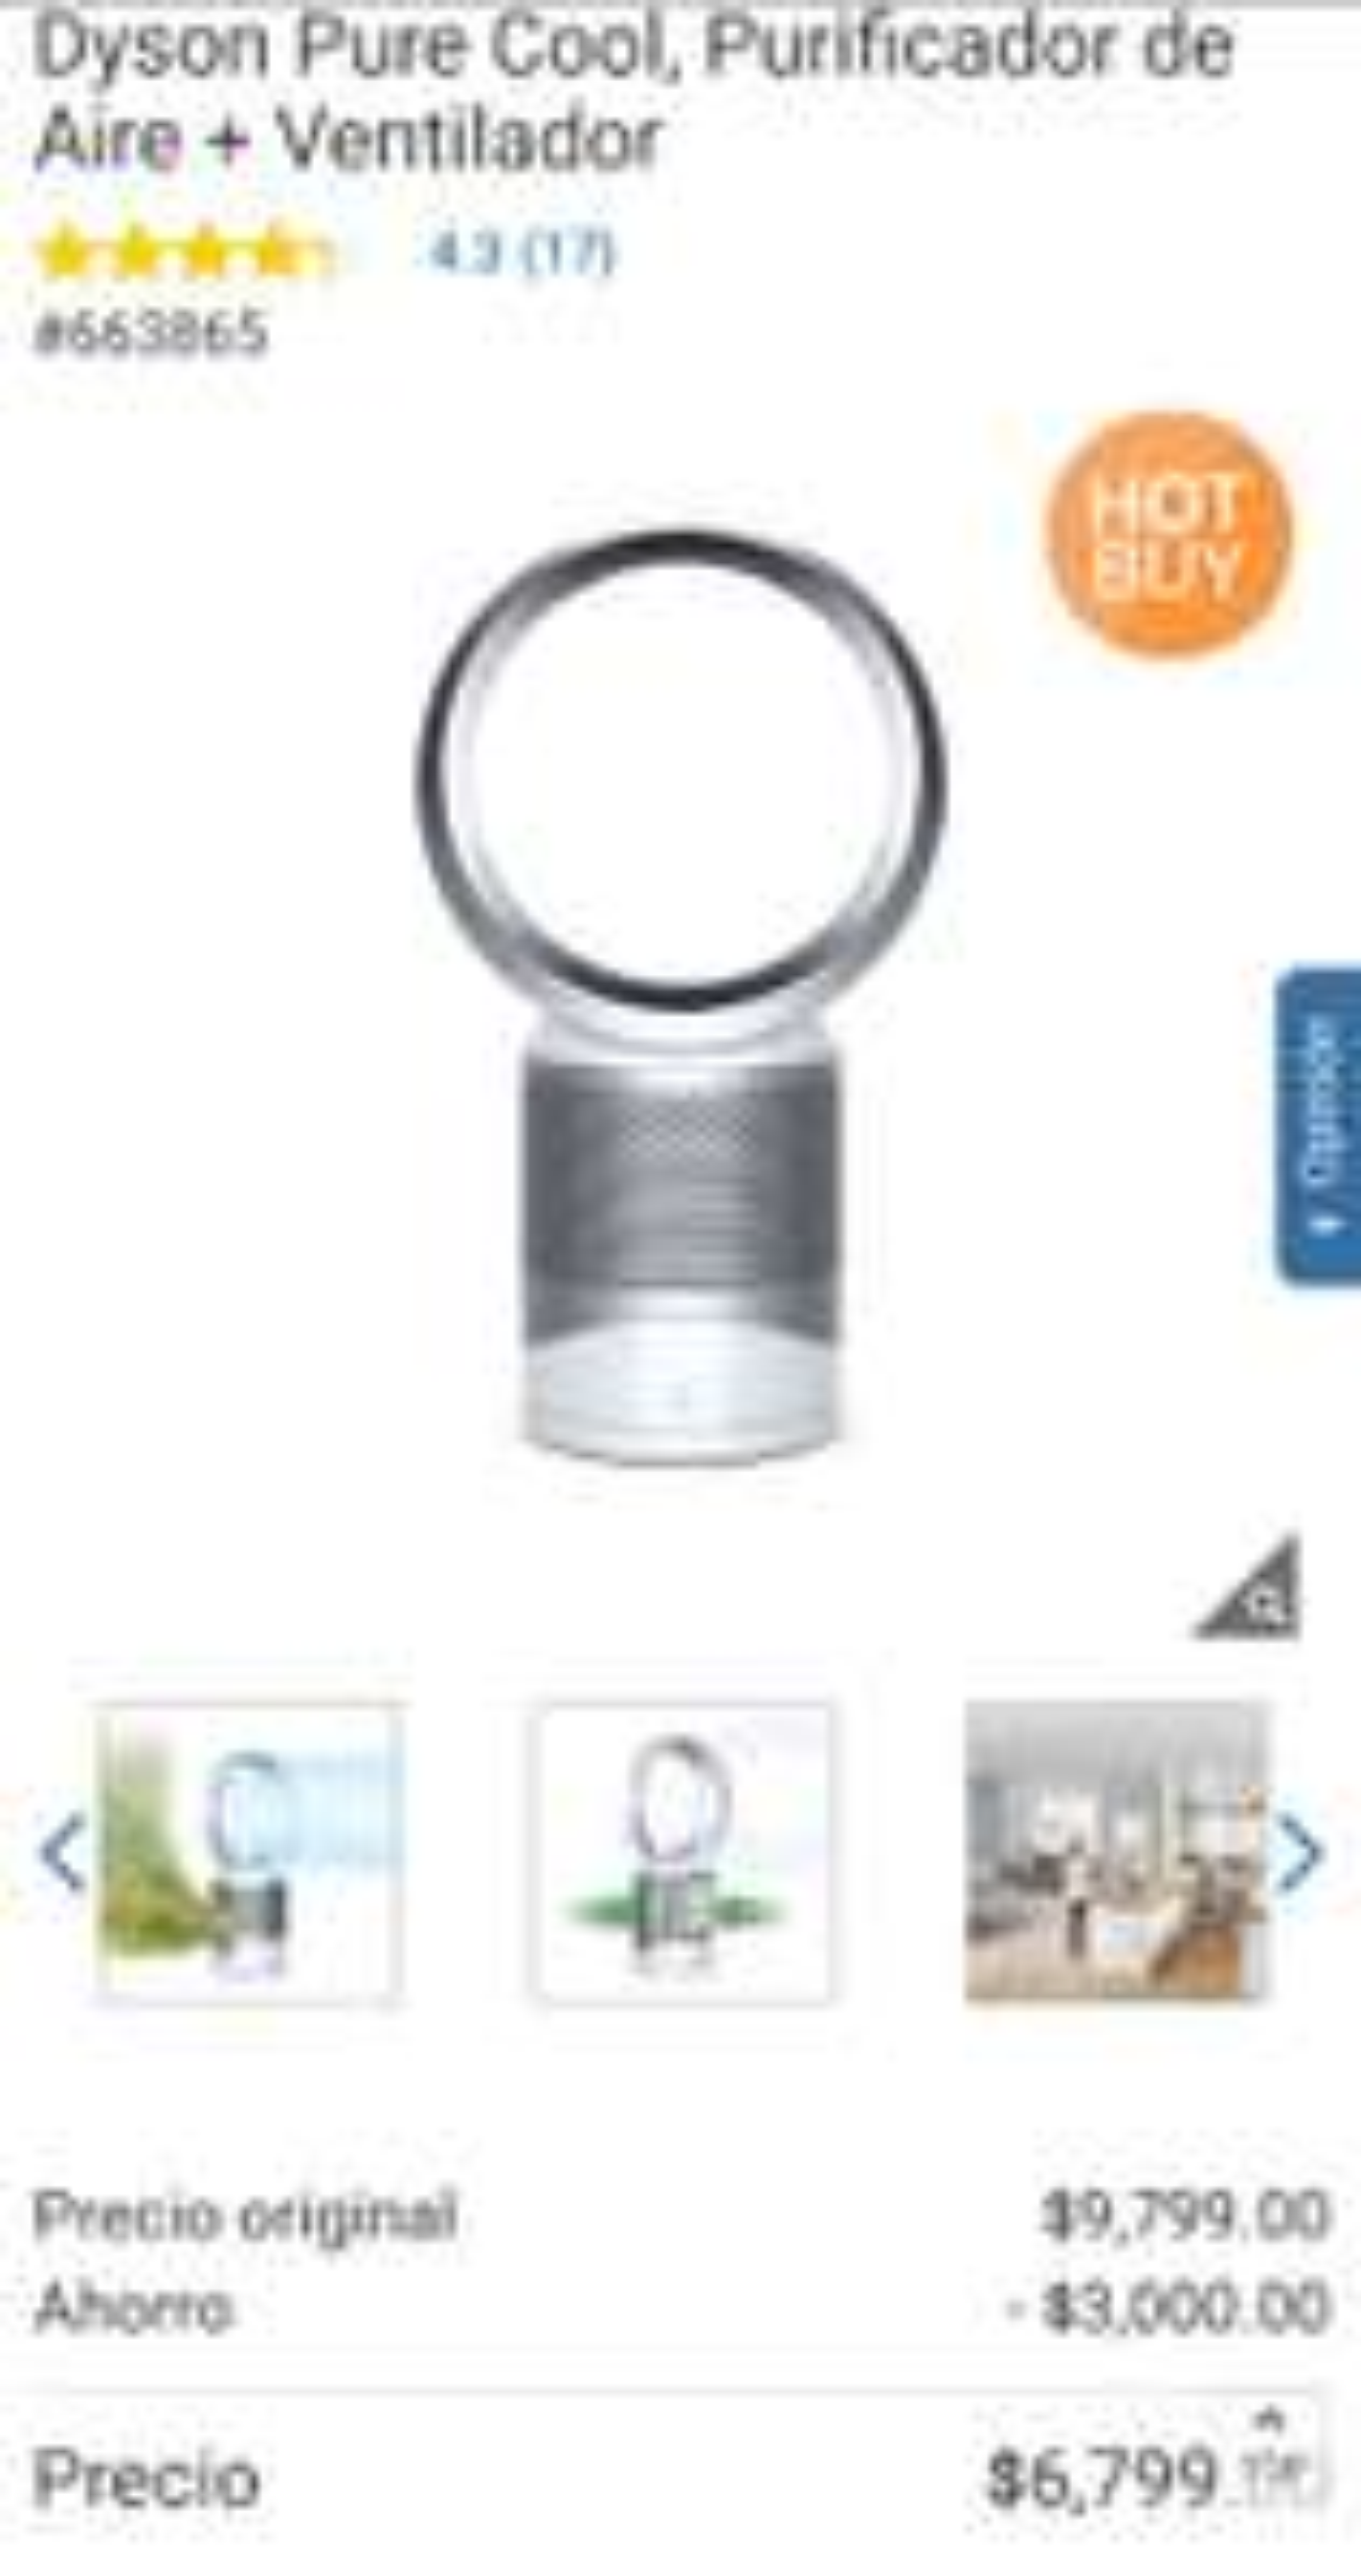 Costco: Dyson Pure Cool, Purificador de Aire + Ventilador Pagando con TCD Citibanamex Costco